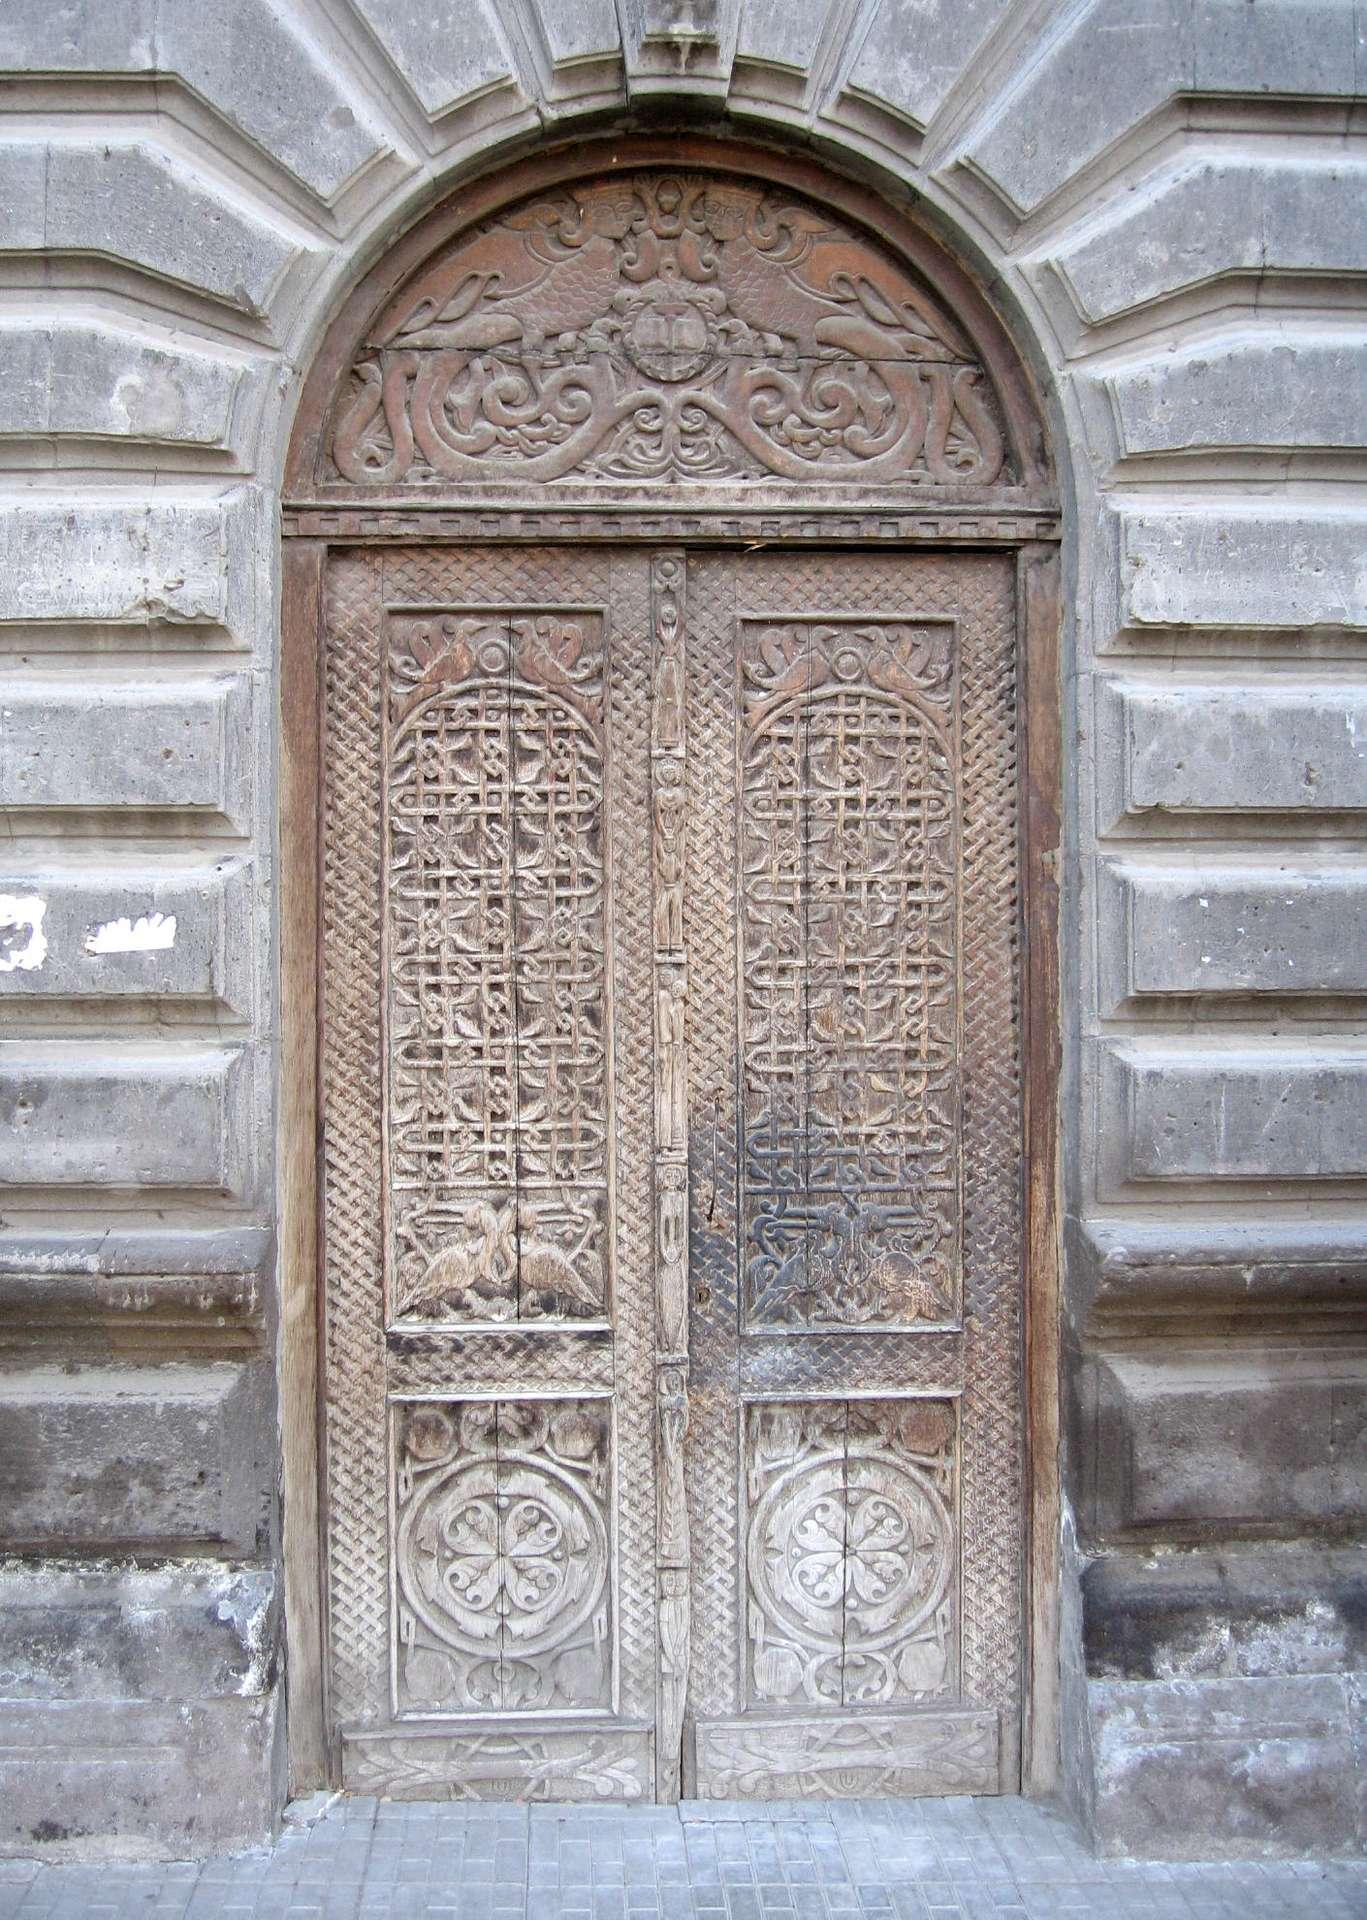 Une porte permet l'accès a un lieu fermé. Ici une porte en bois. © Sven Dirks, CC BY SA 3.0, Wikipedia Commons